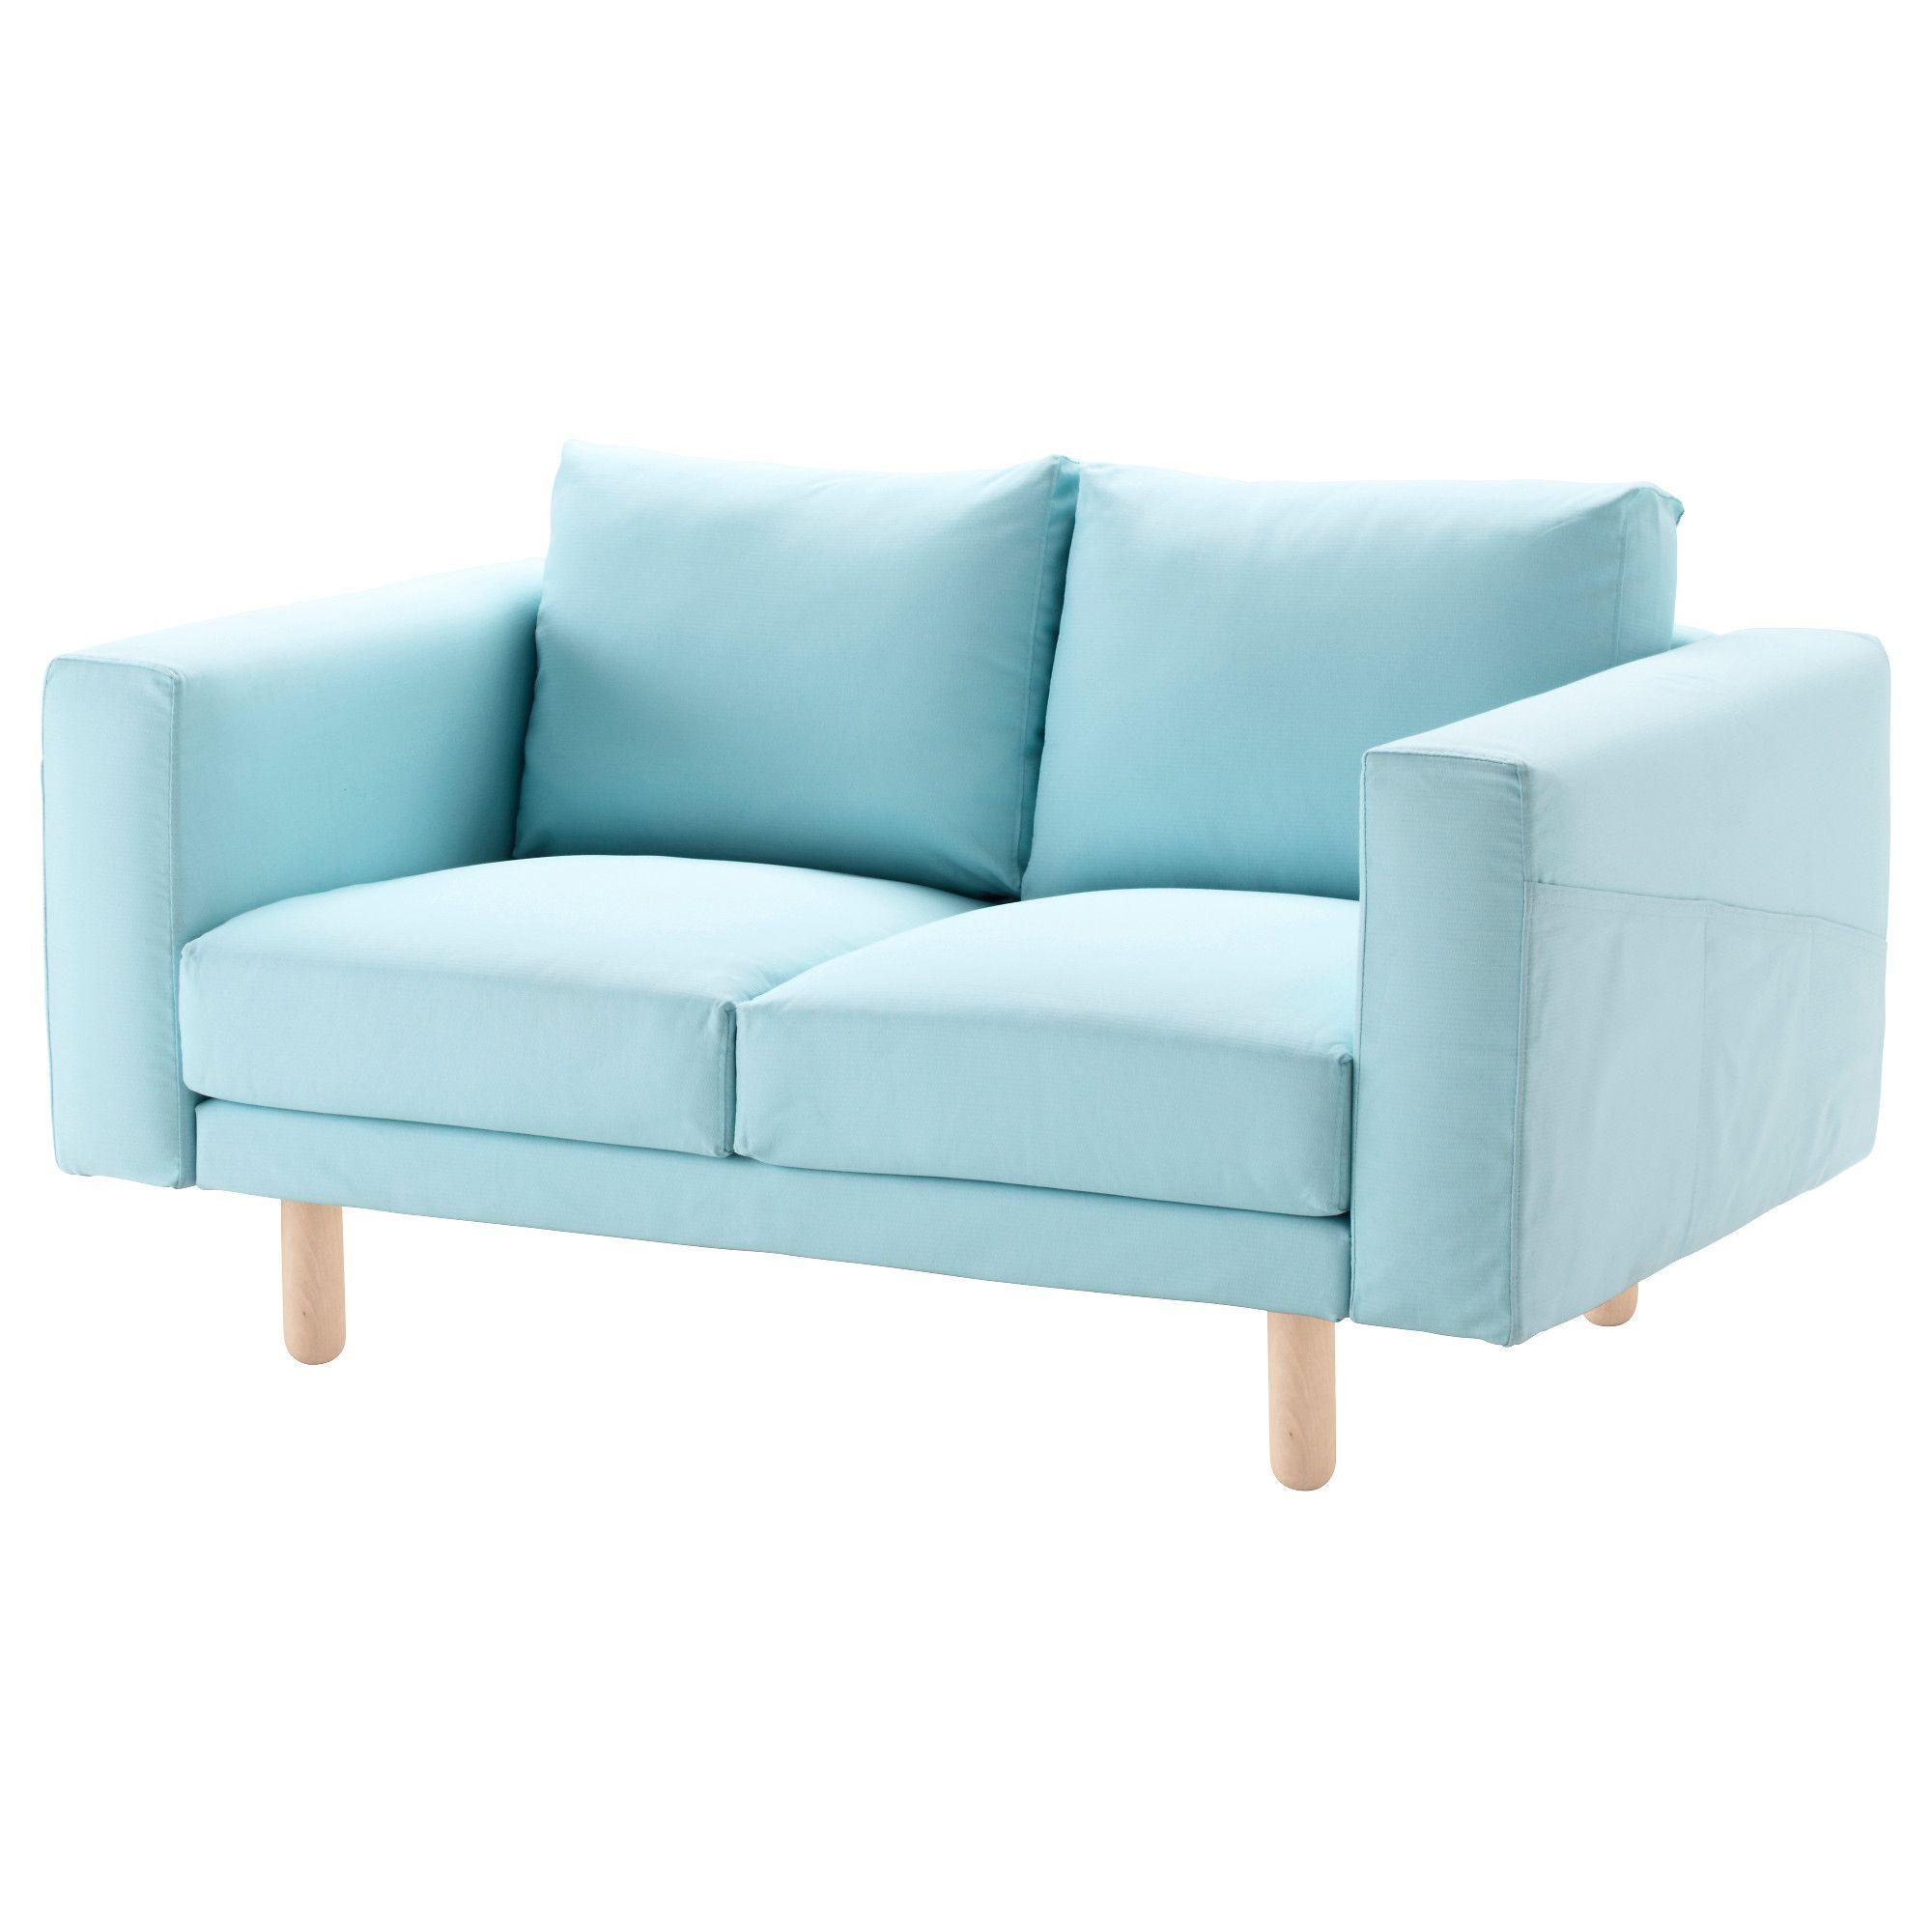 Schön Couch Hellblau Beste Wahl Norsborg, 2er-sofa, Edum Hellblau, Jetzt Bestellen Unter: